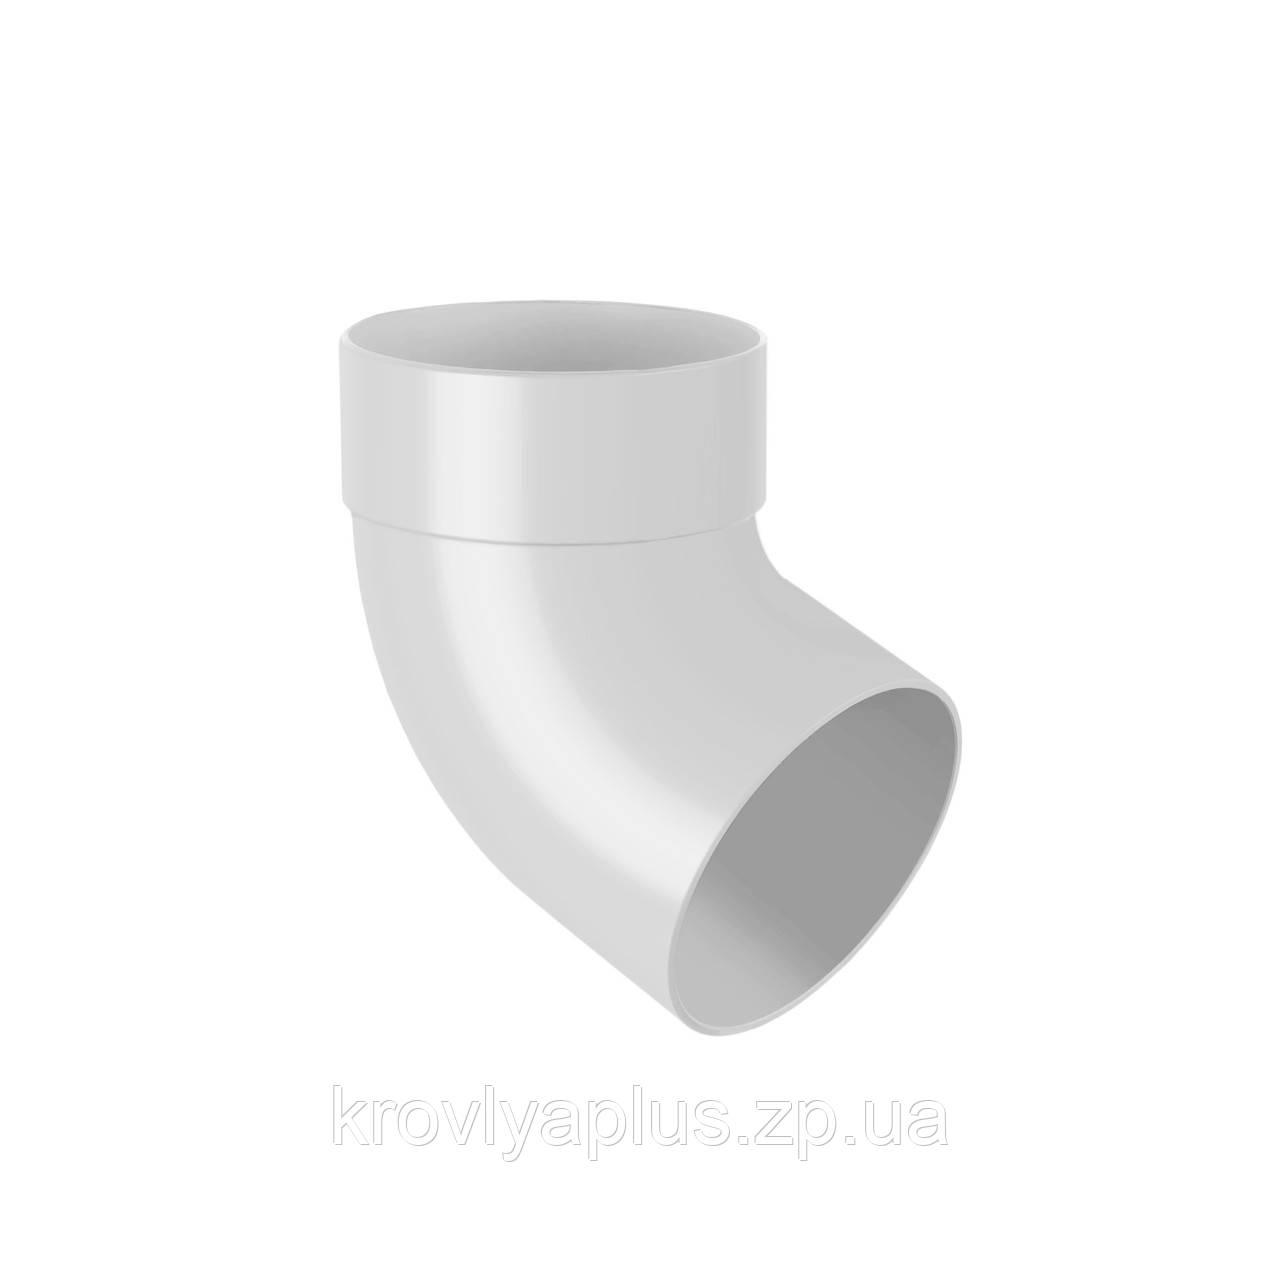 RАINWAY Колено трубы, отвод одномуфтовый 67°